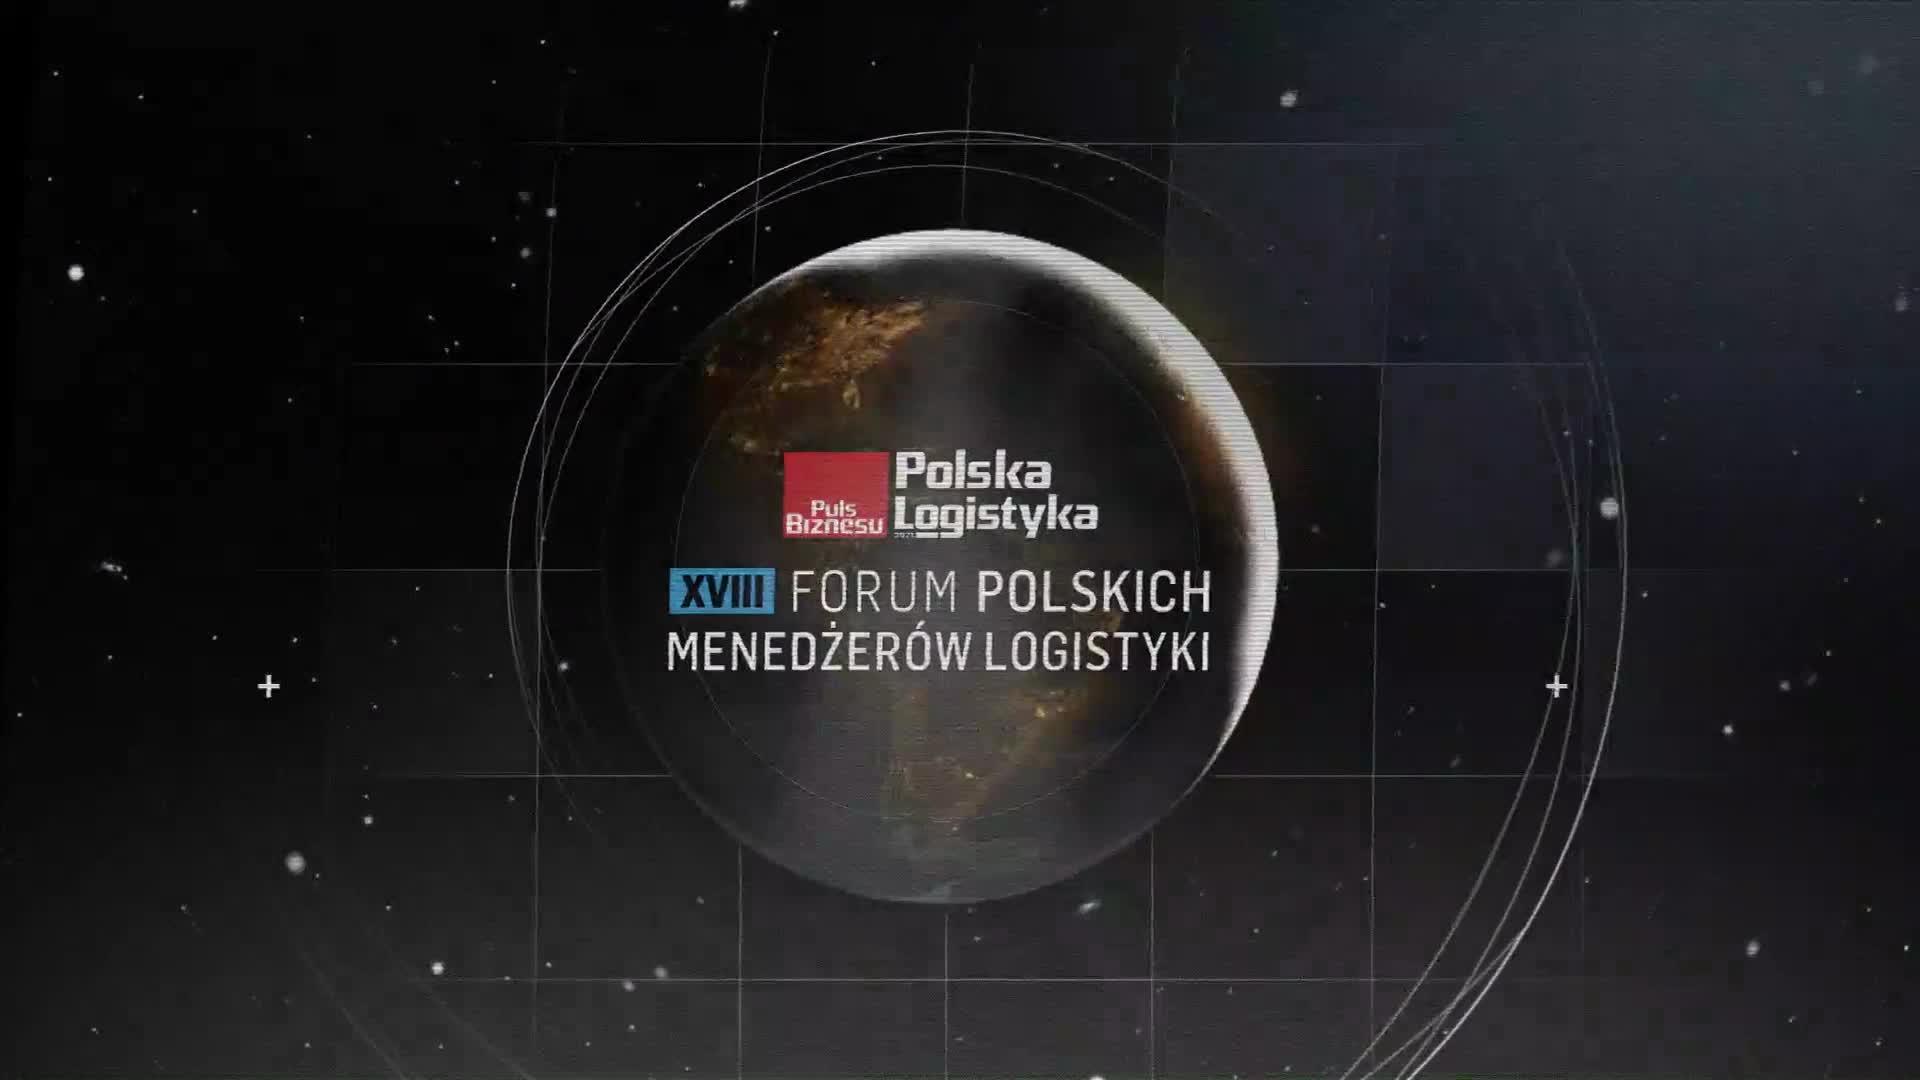 Forum Polskich Menedżerów Logistyki Polska Logistyka